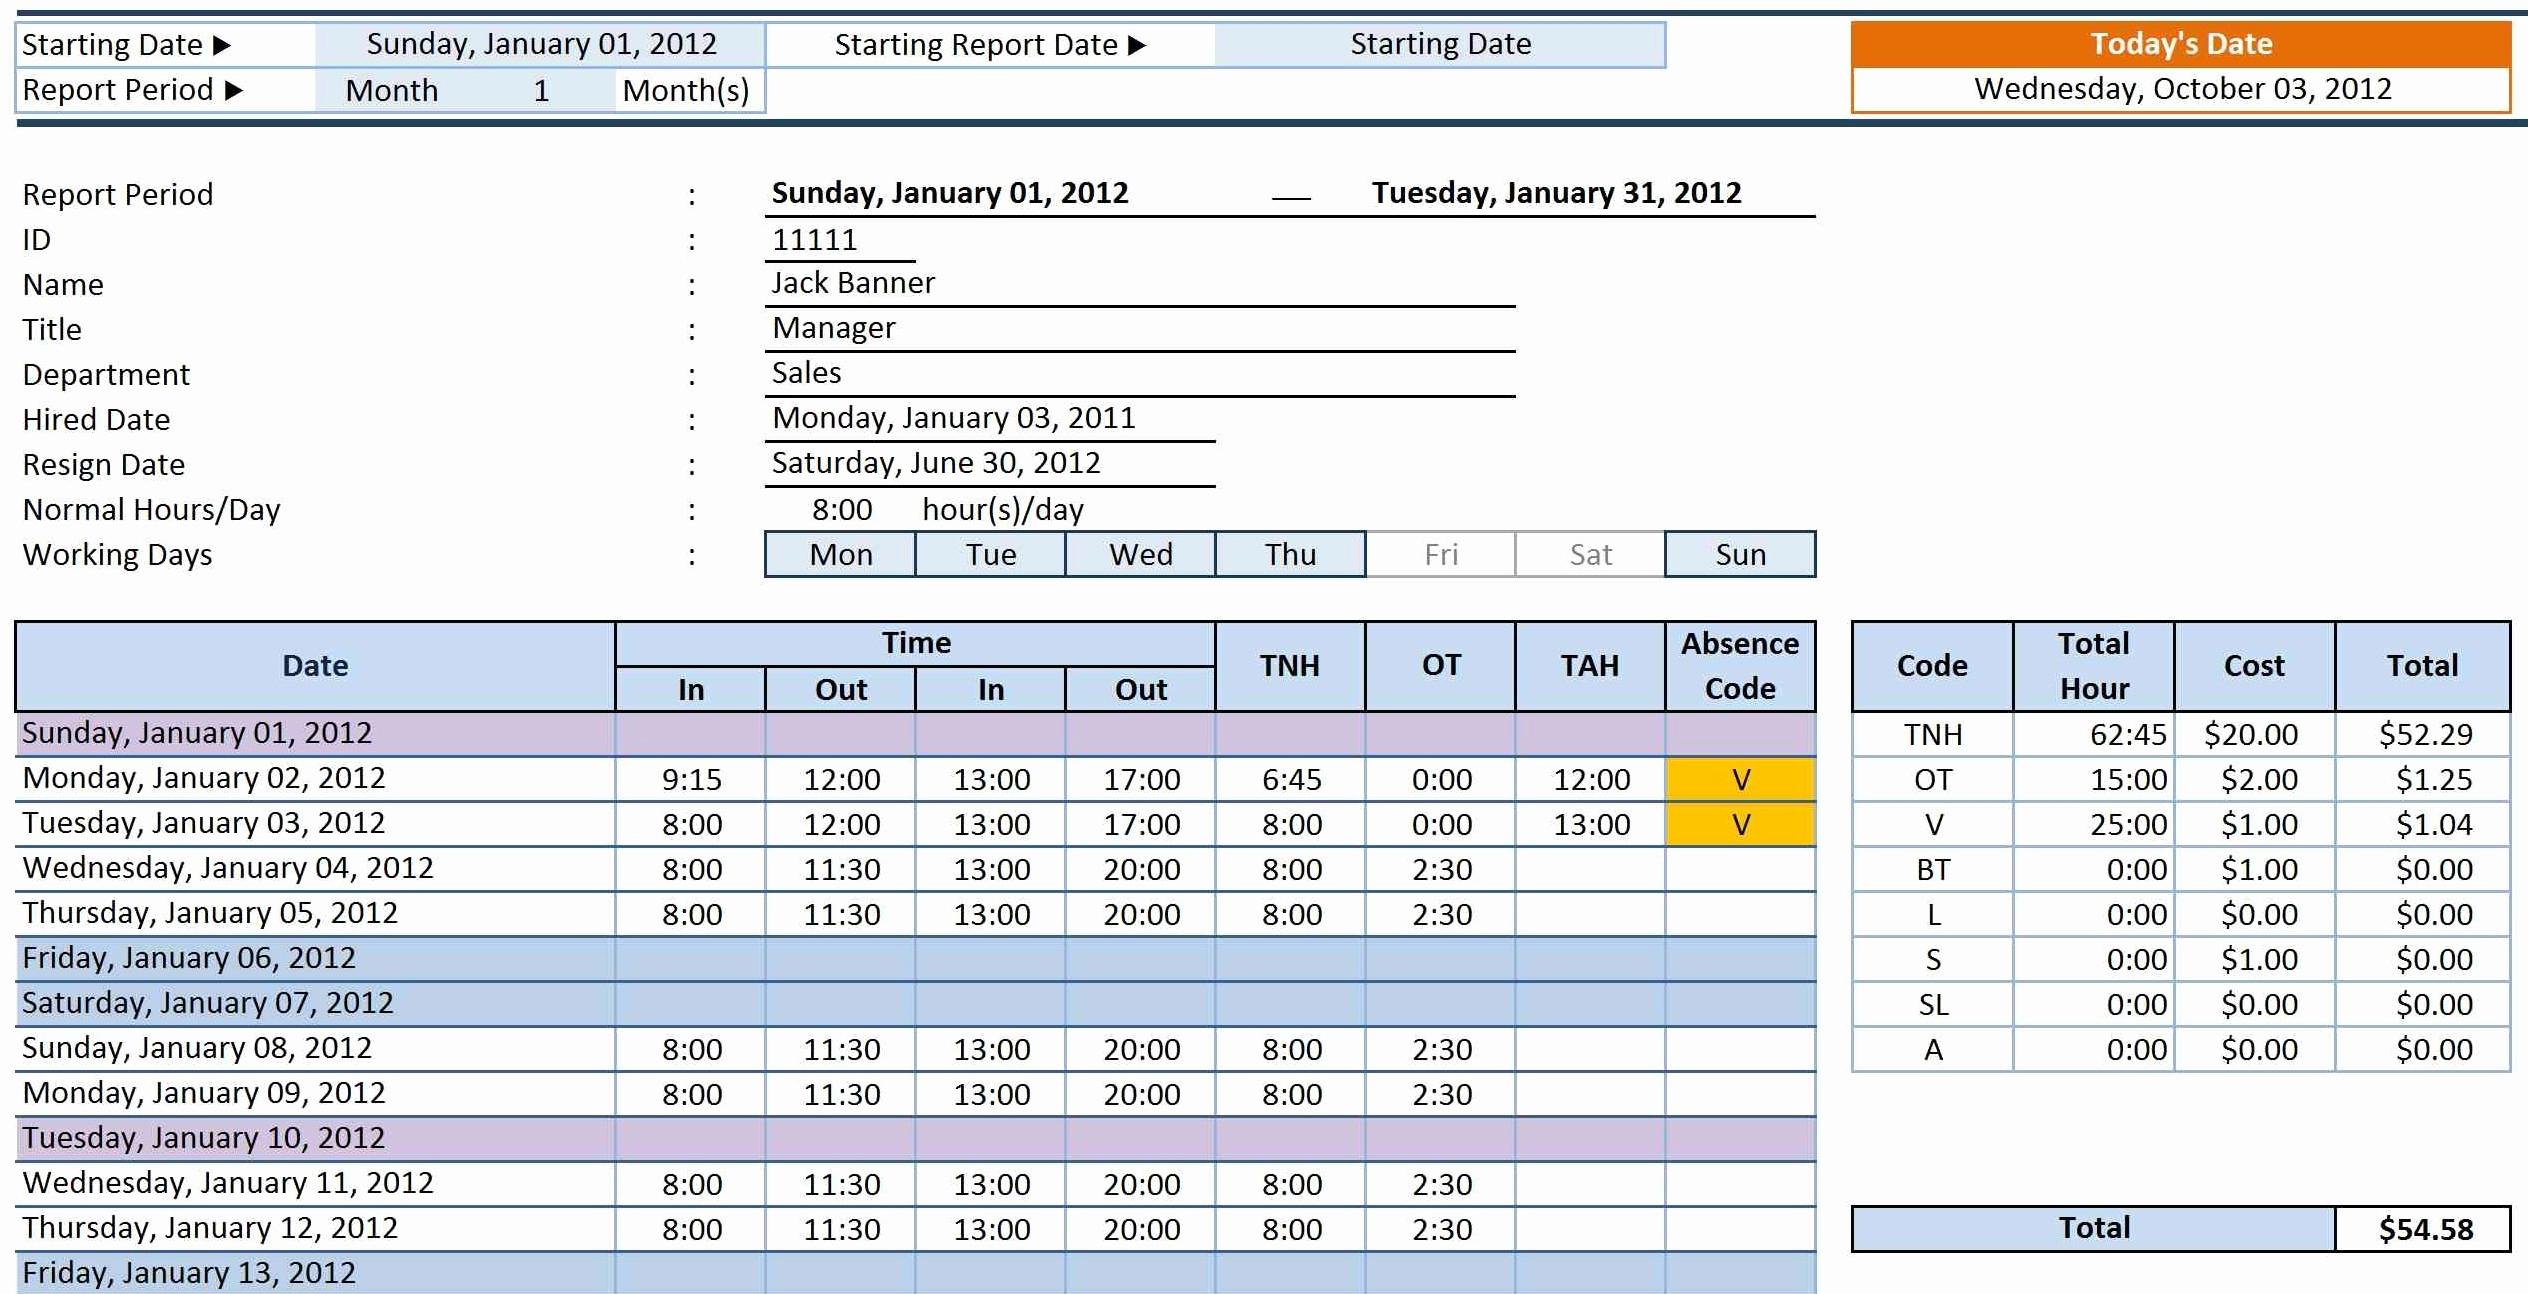 Self Employed Expenses Spreadsheet Elegant Self Employed Spreadsheet For Self Employed Expenses Spreadsheet Template